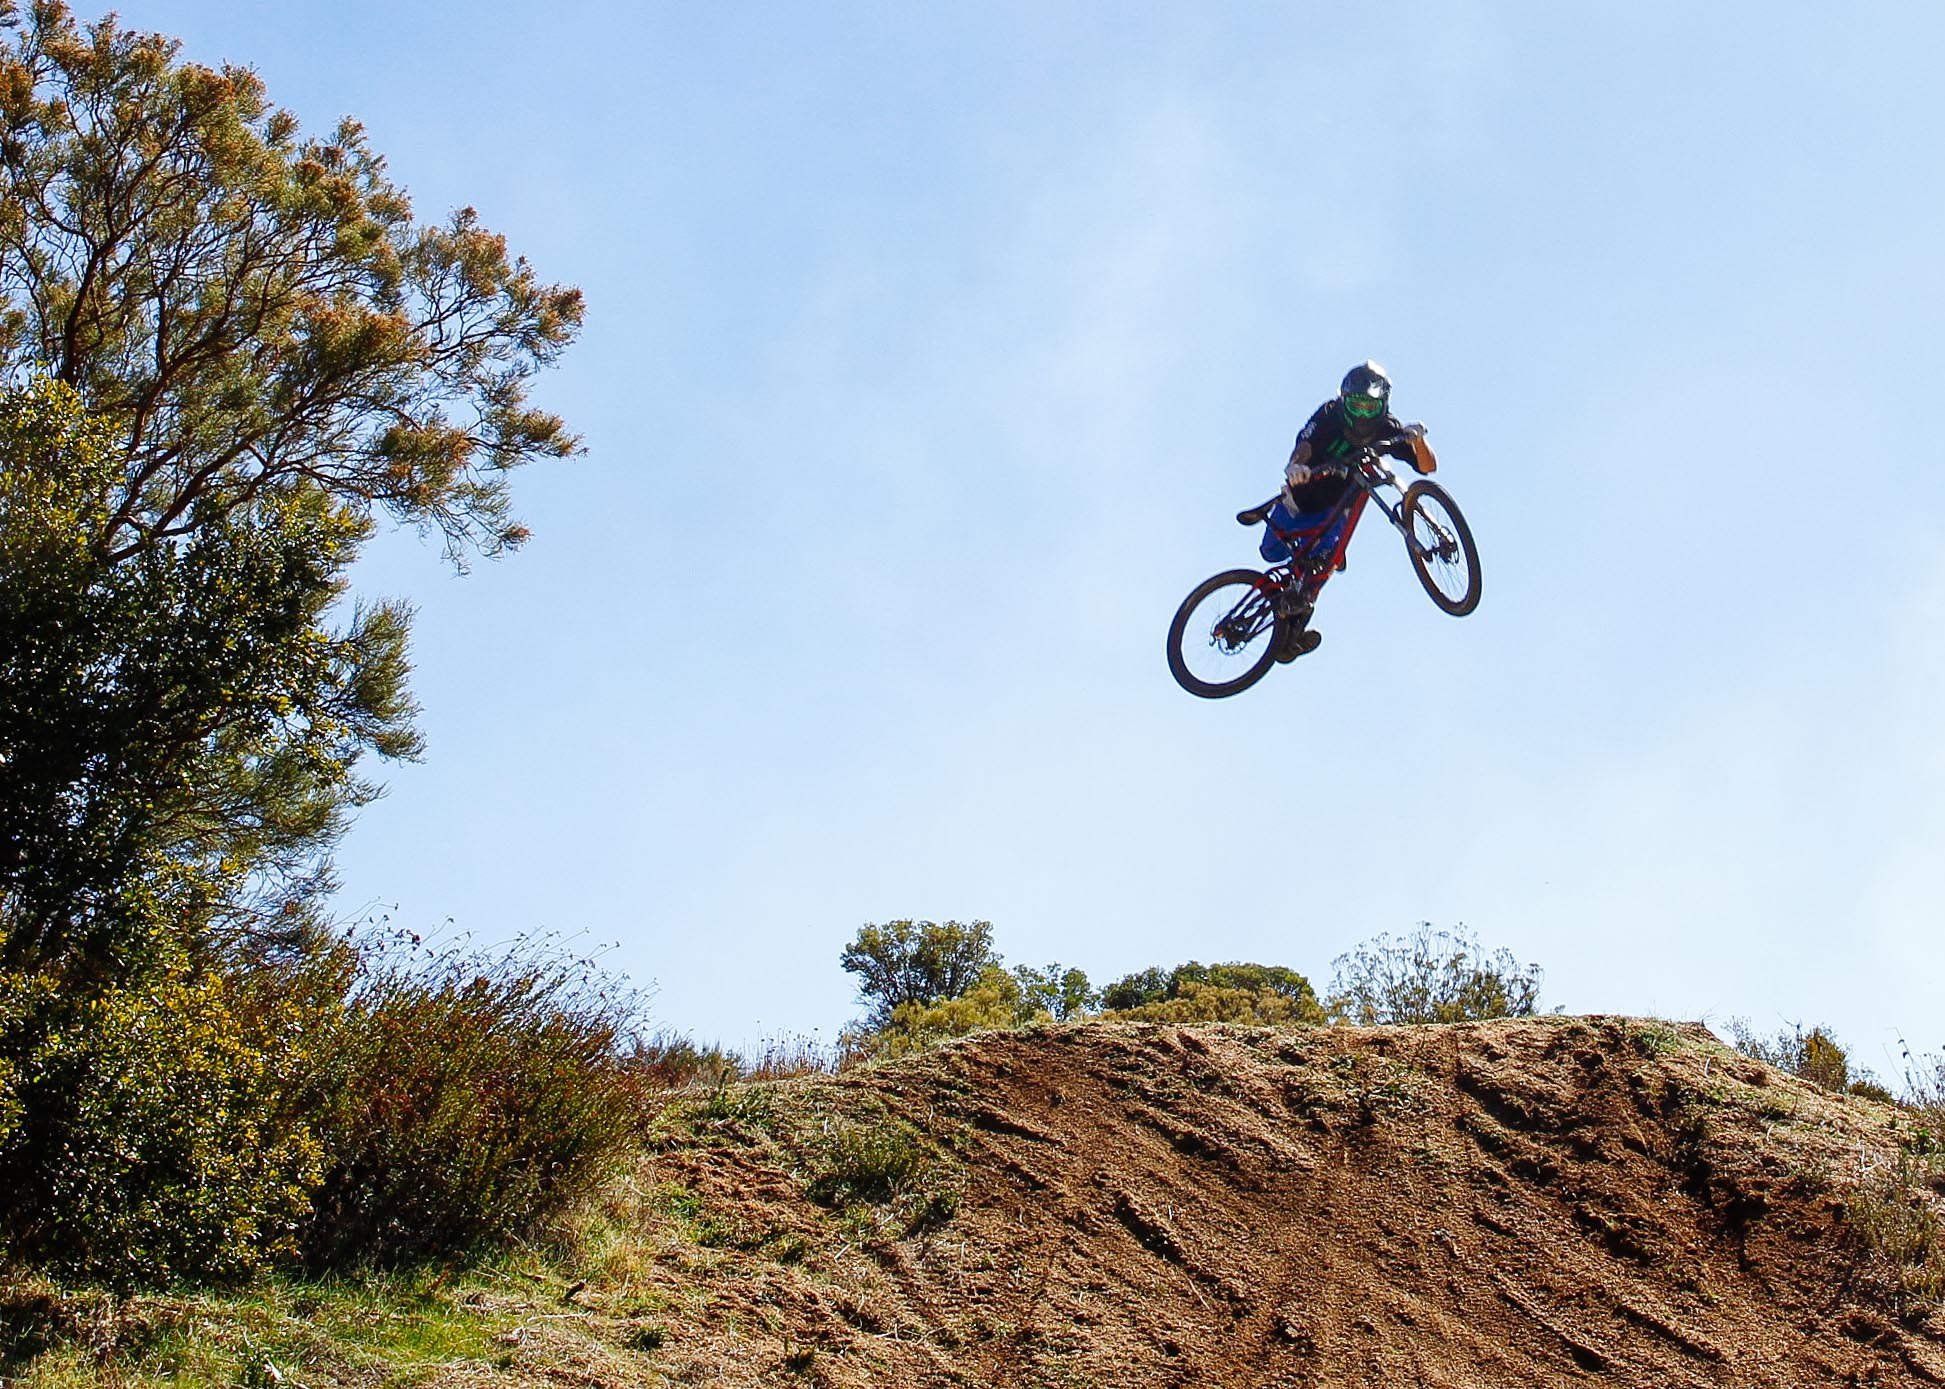 Pine Valley Nacnac - benporteous1 - Mountain Biking ...